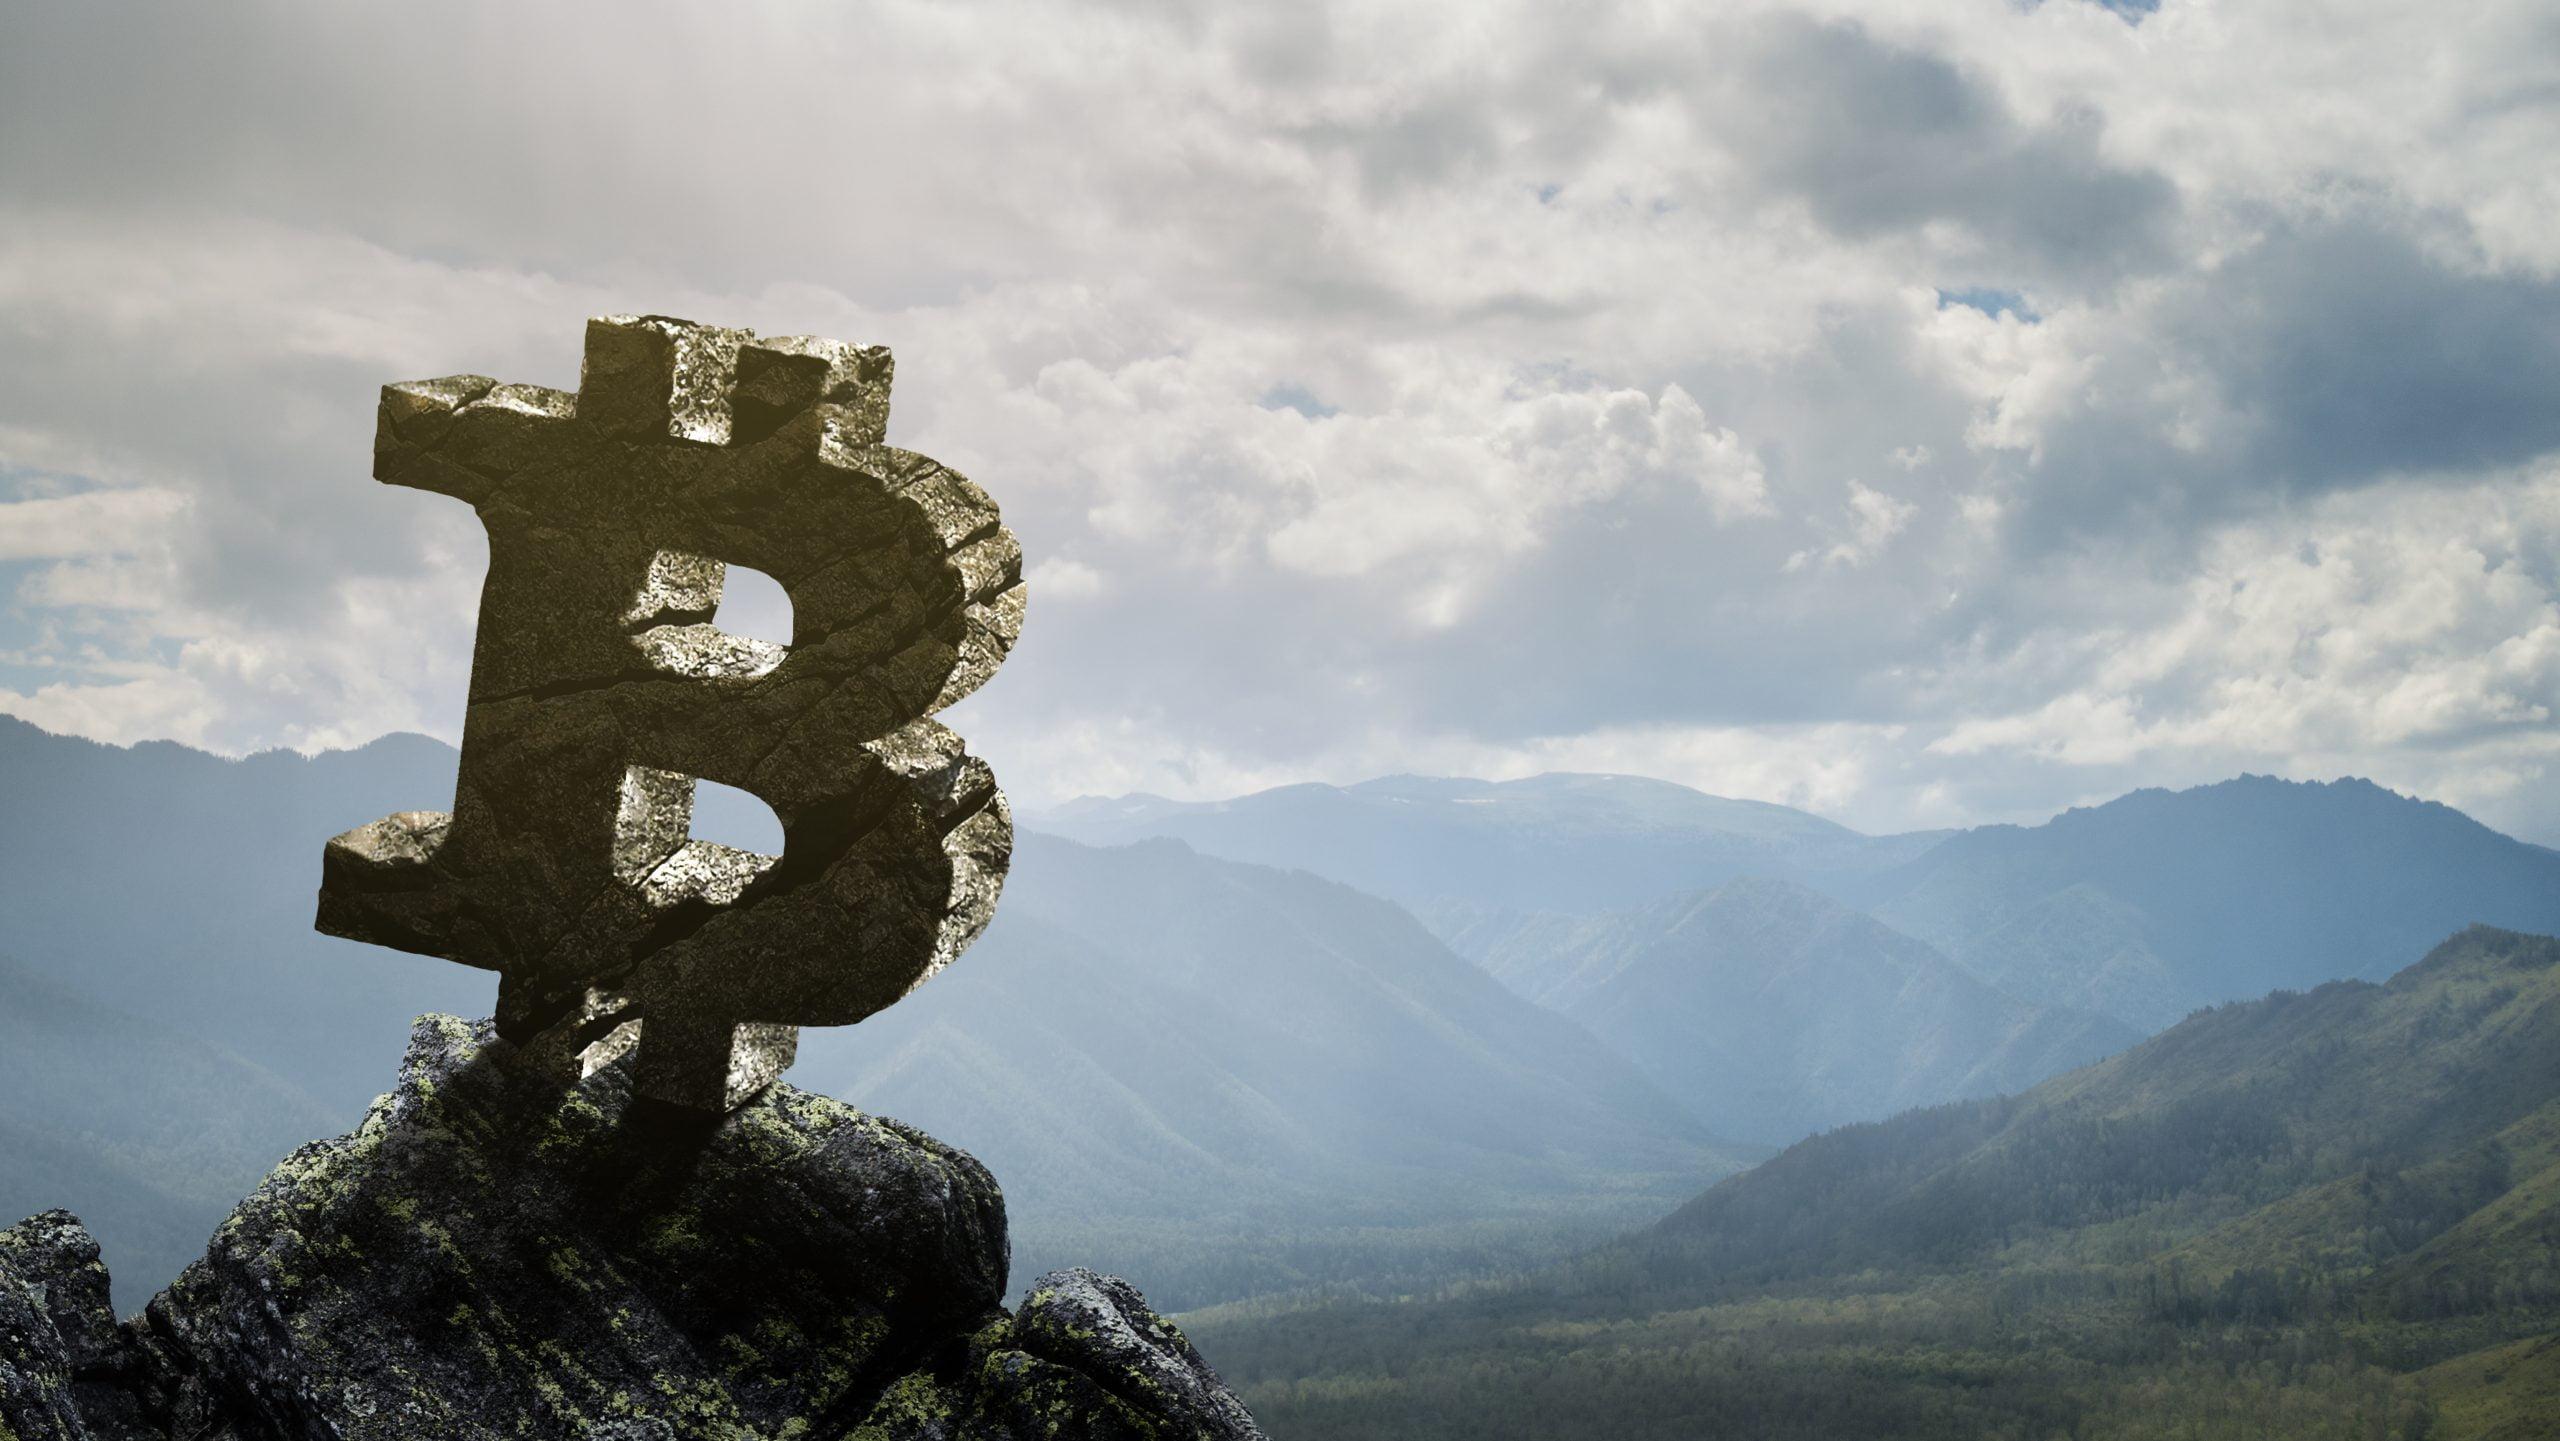 alim satim platformlarindaki bitcoin btc miktari dusmeye devam ediyor